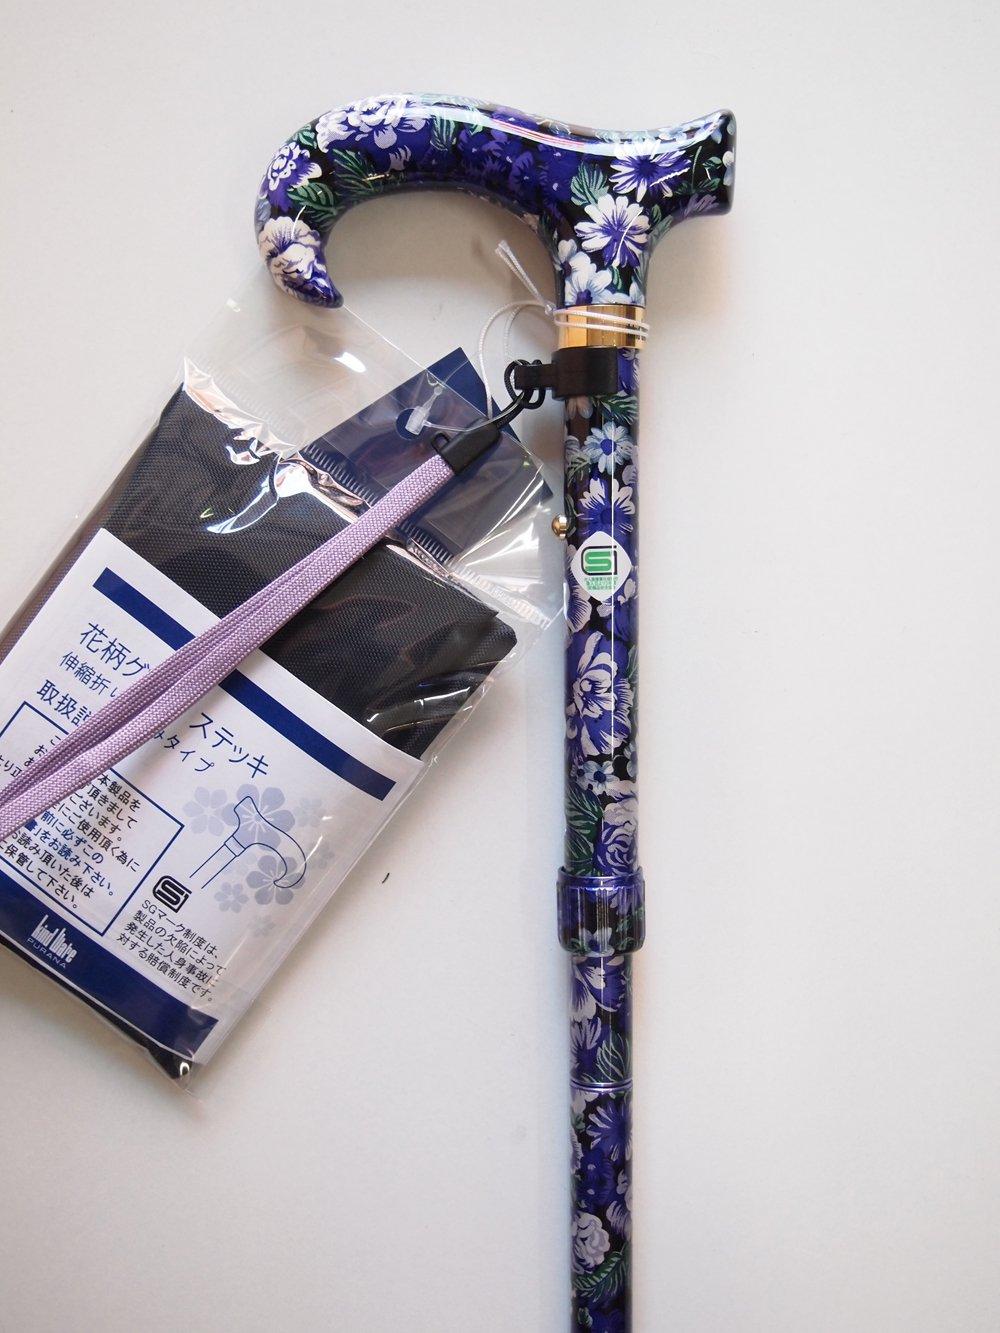 花柄グリップステッキ 伸縮折りたたみ杖 / CH233034N01 (パープル) B007RUYA7U パープル パープル